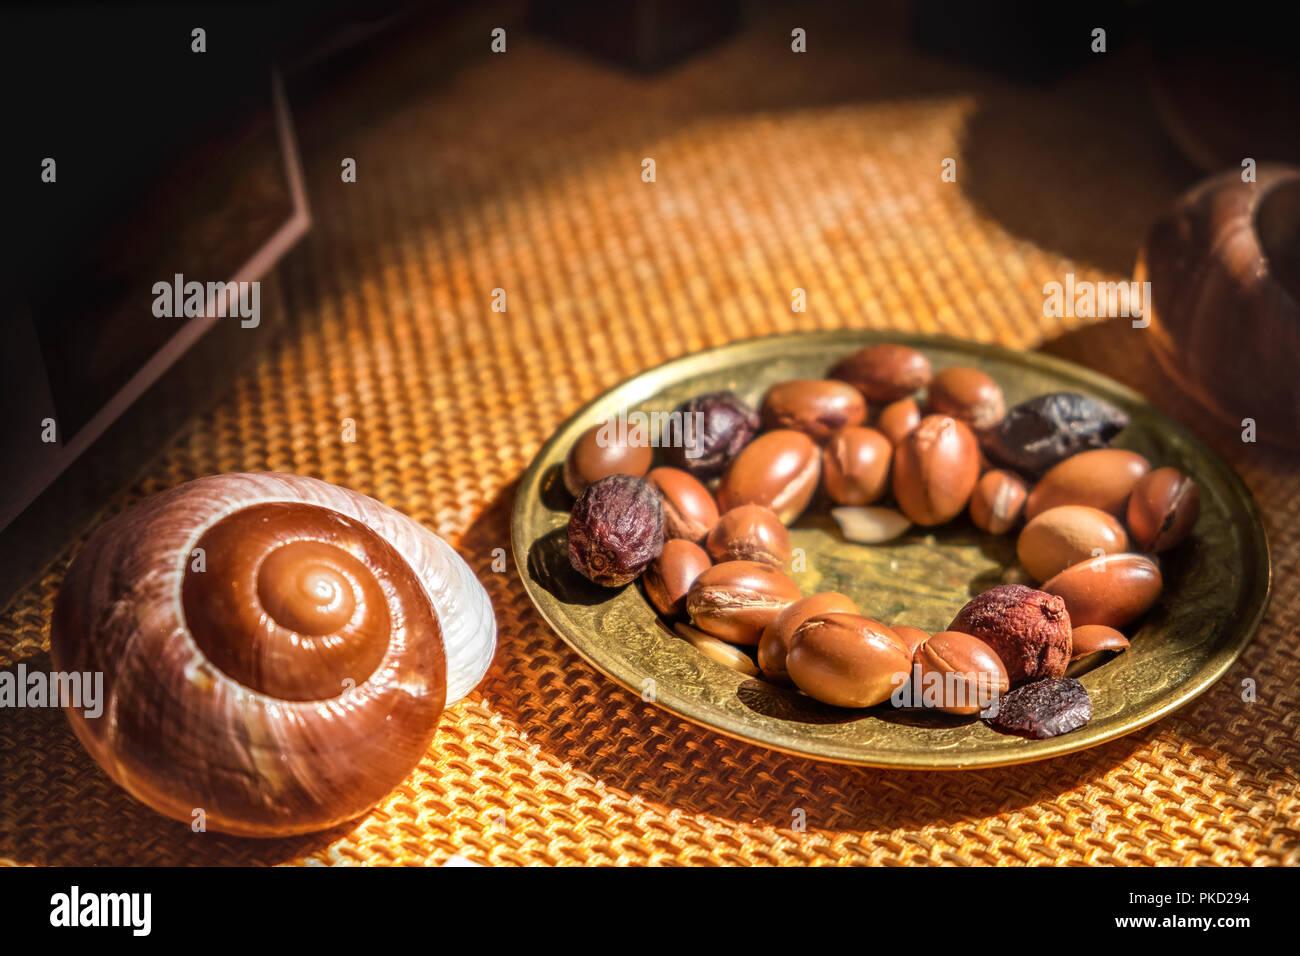 L'olio di Argan è realizzato mediante i dadi di Argan - frutto di Argan antiossidante utile per la guarigione di arrossamento della pelle infiammazioni delle smagliature Immagini Stock